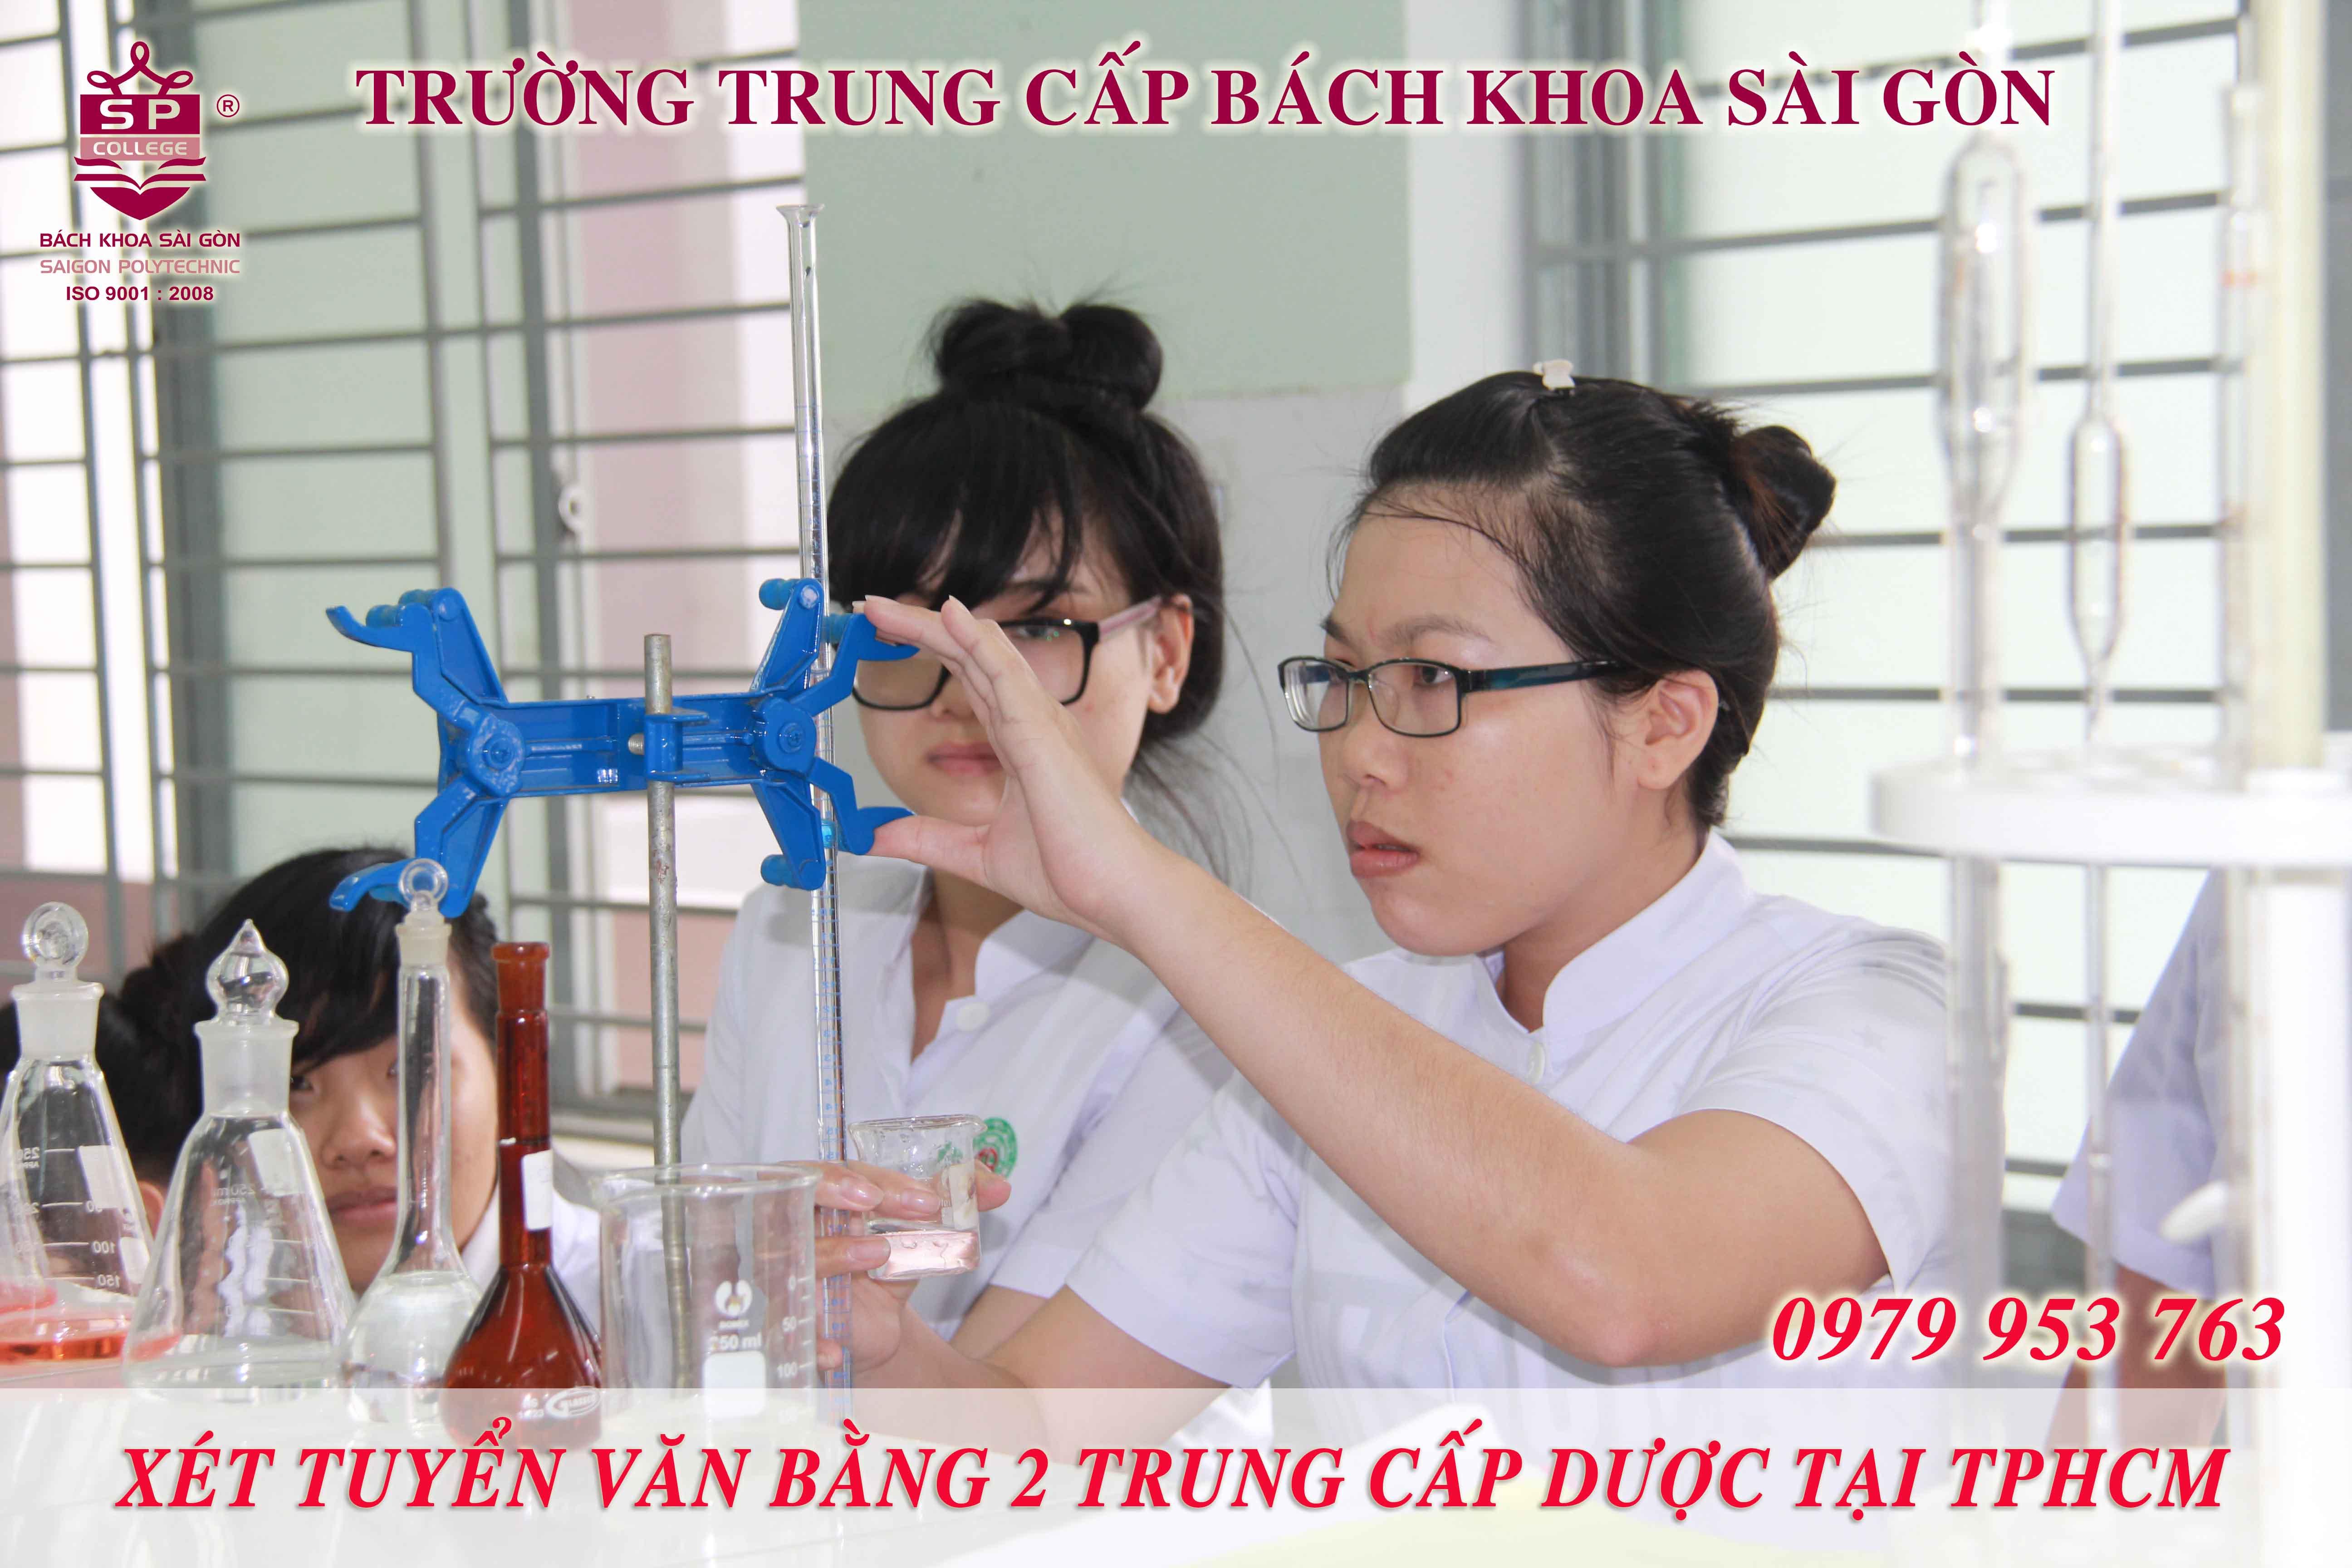 Trượt tốt nghiệp TPHCM vẫn được xét tuyển Trung cấp Dược tại TPHCM